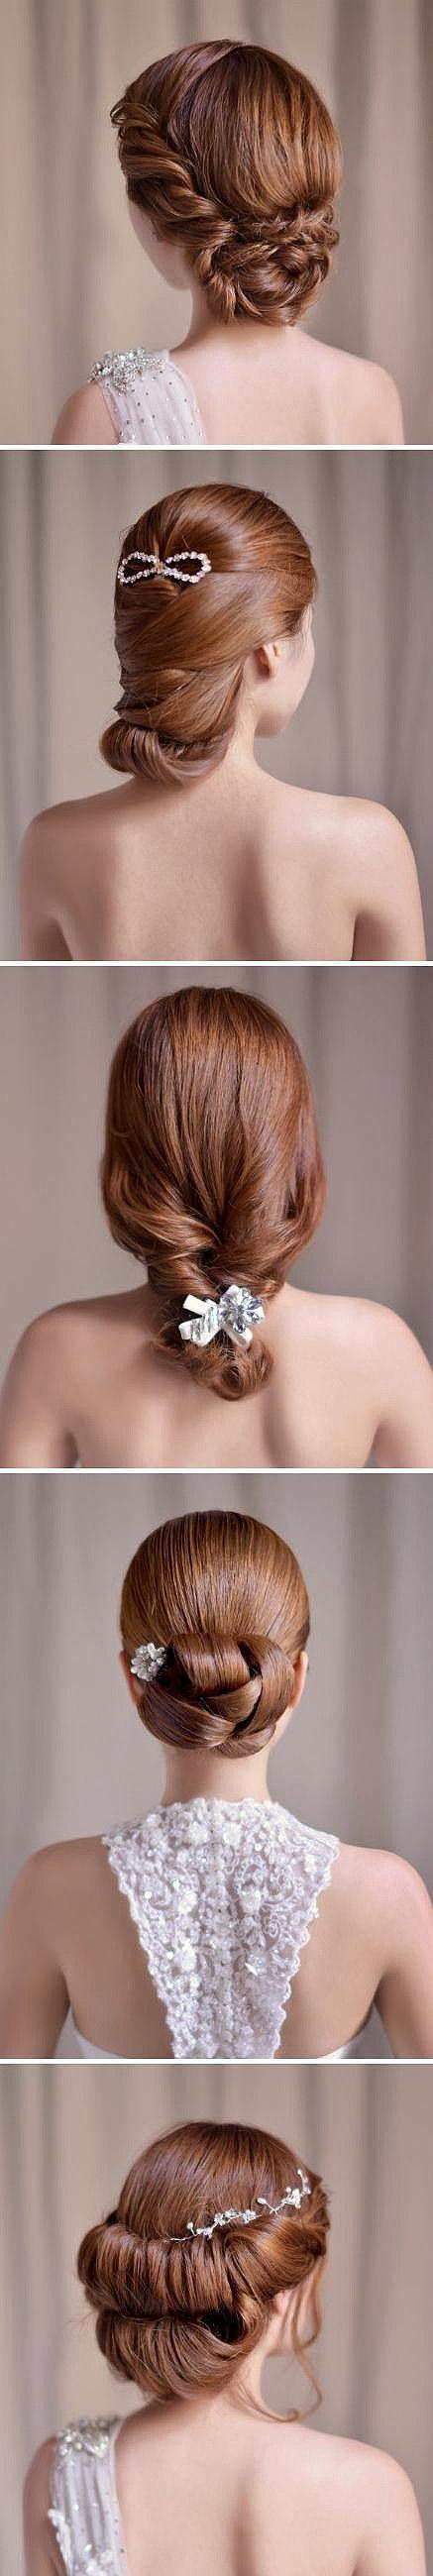 #bridal #hair